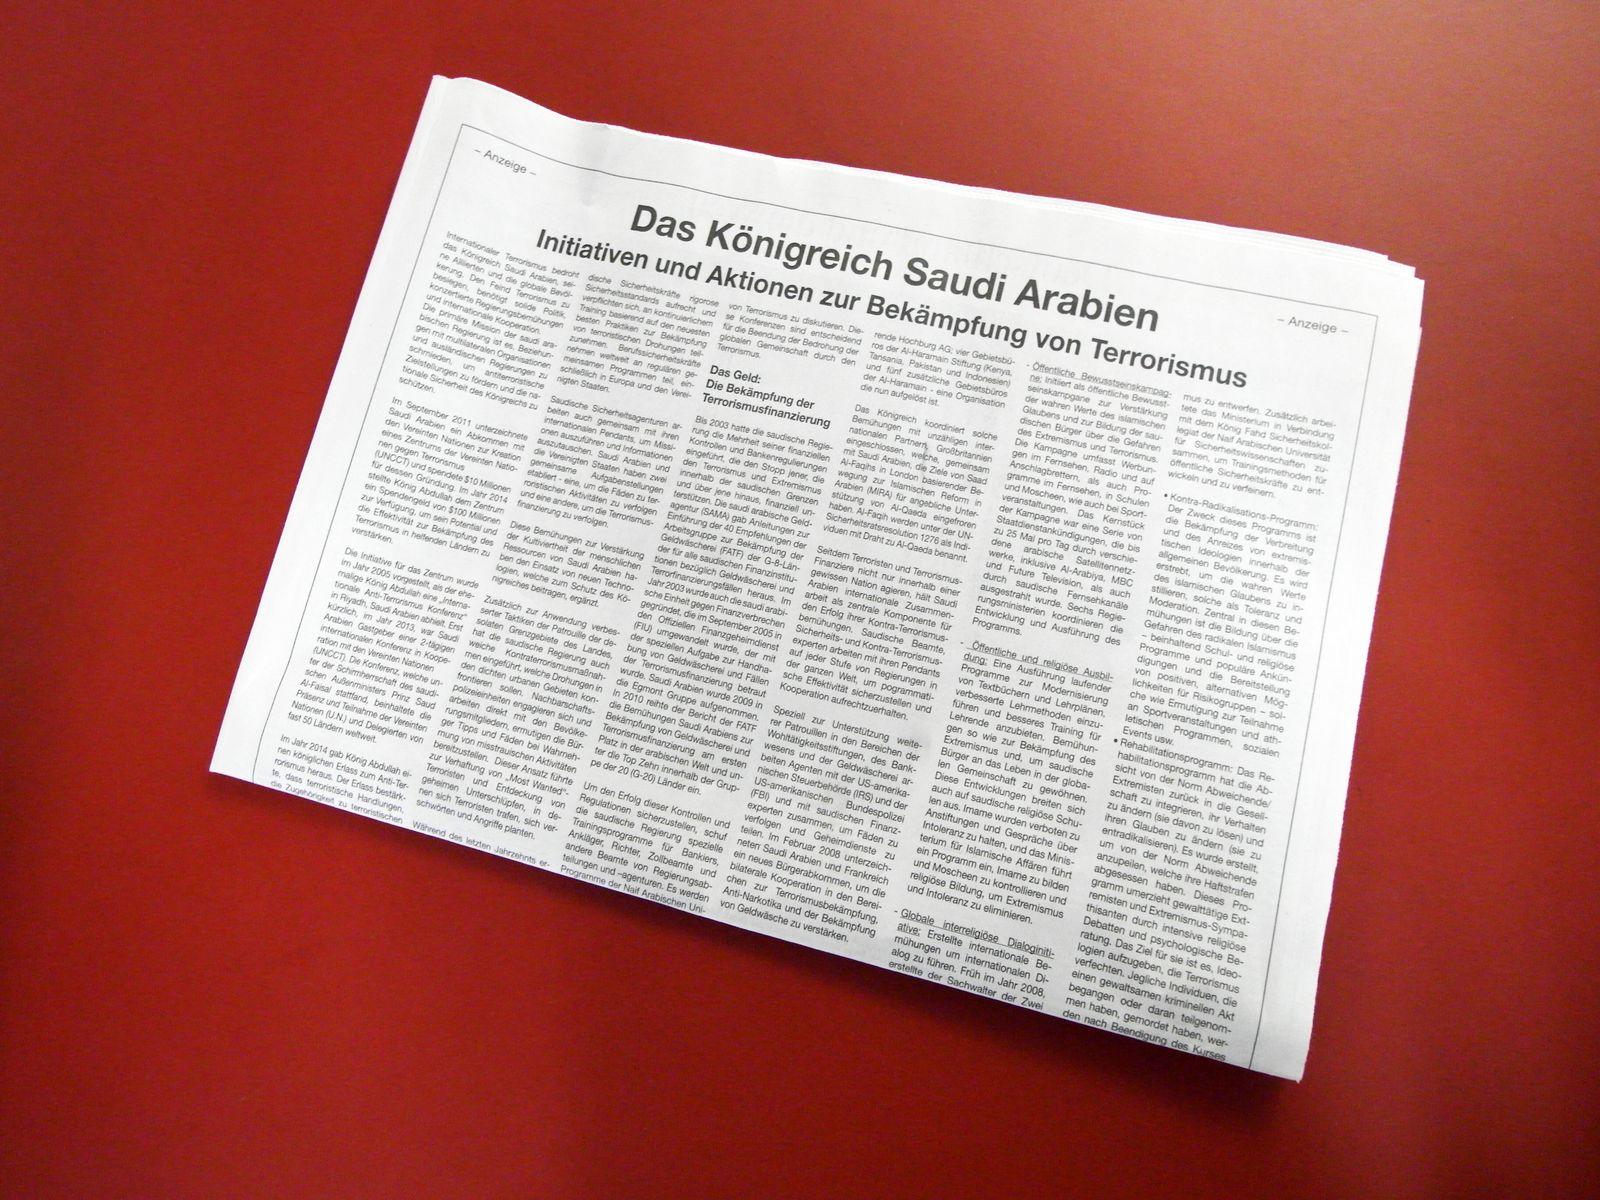 FAZ 11.12.2015 / Anzeige Saudi Arabien